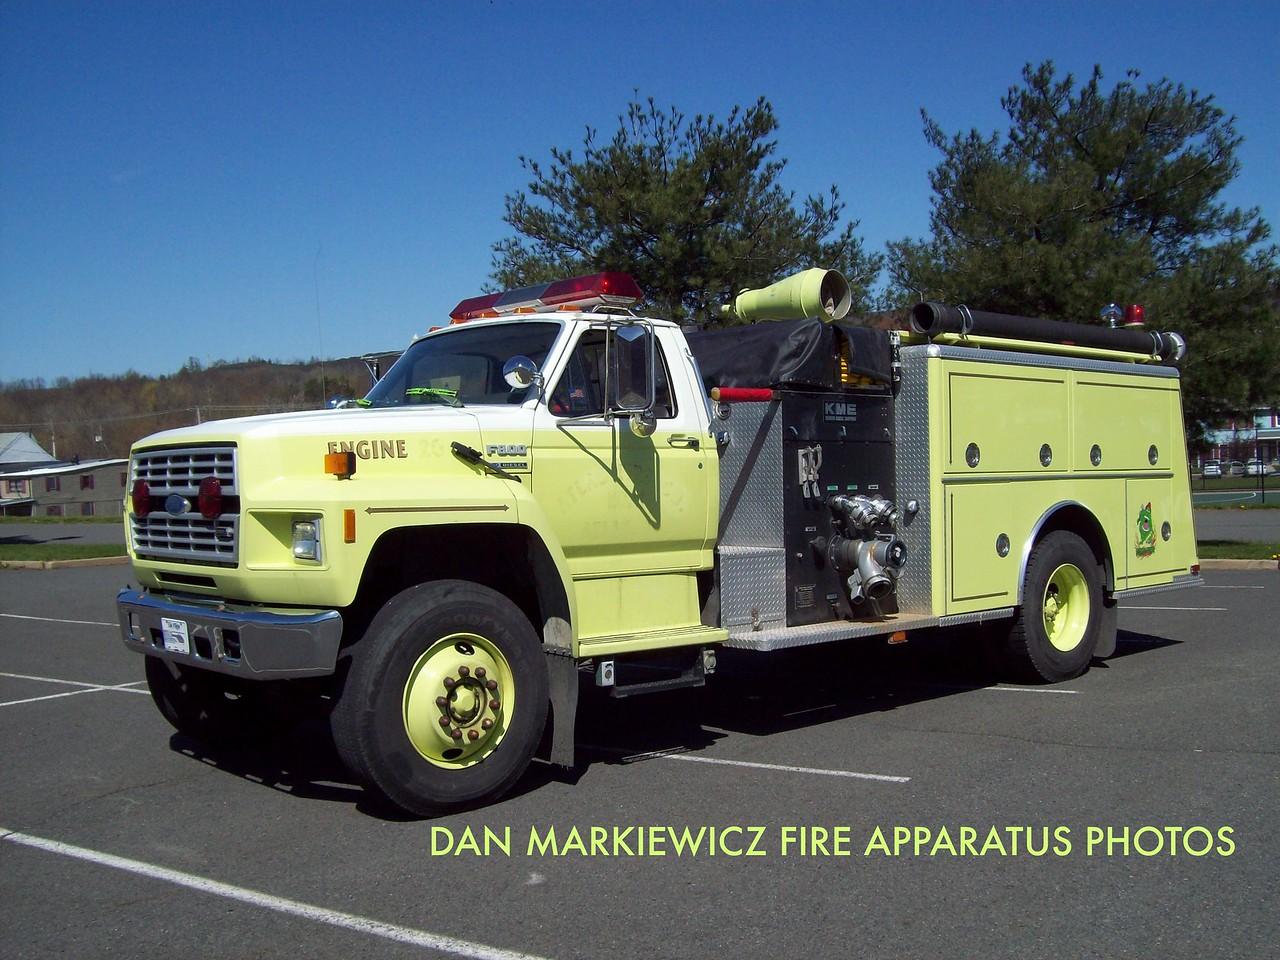 Mount Carmel Township  danosfireapparatusphotos